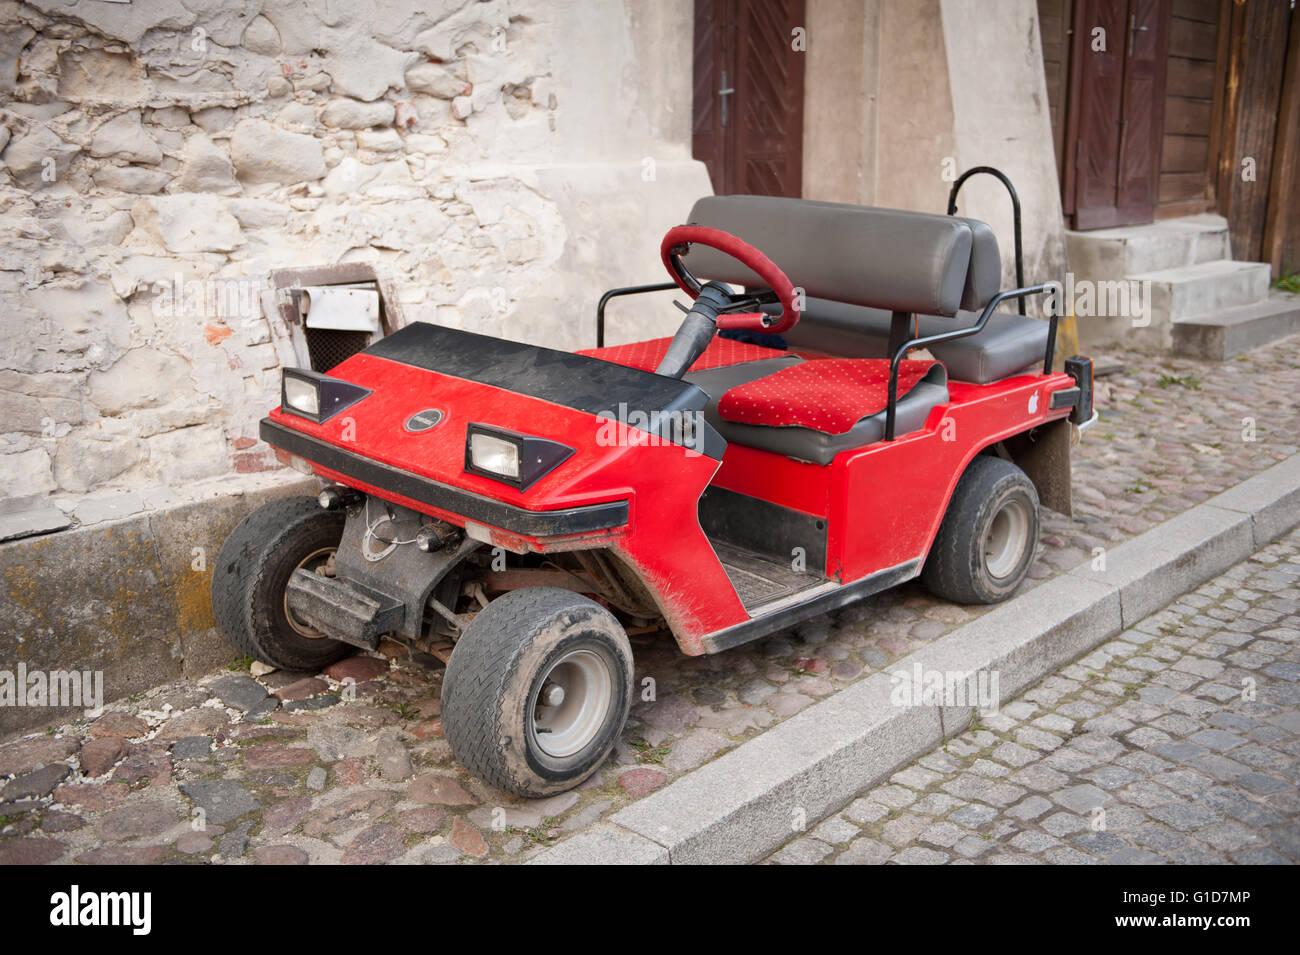 Melex rouge véhicule stationné dans la région de Kazimierz Dolny, Pologne, Europe, véhicule Photo Stock